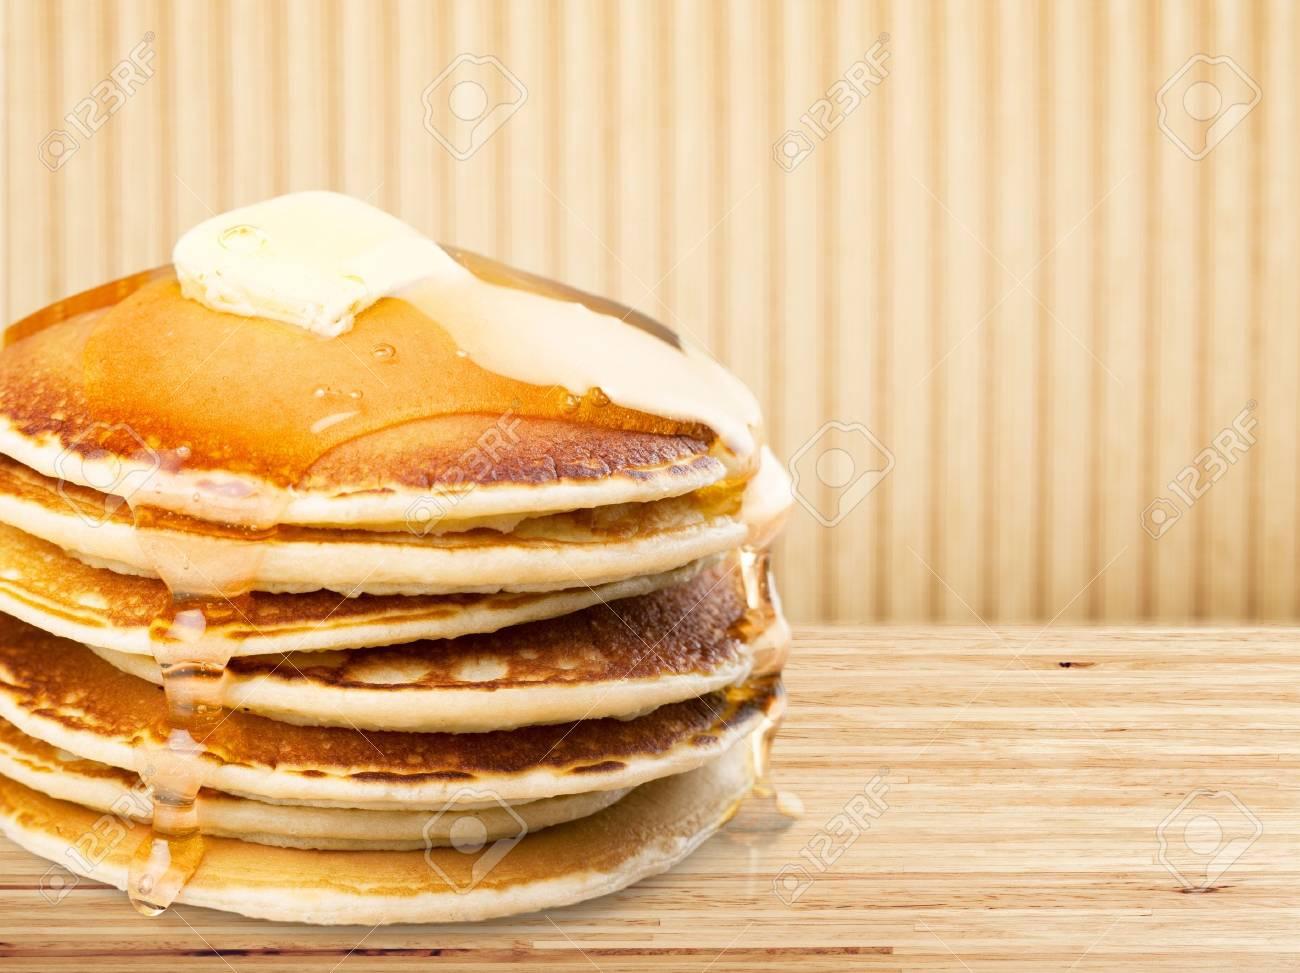 Pancake. Stock Photo - 54025130